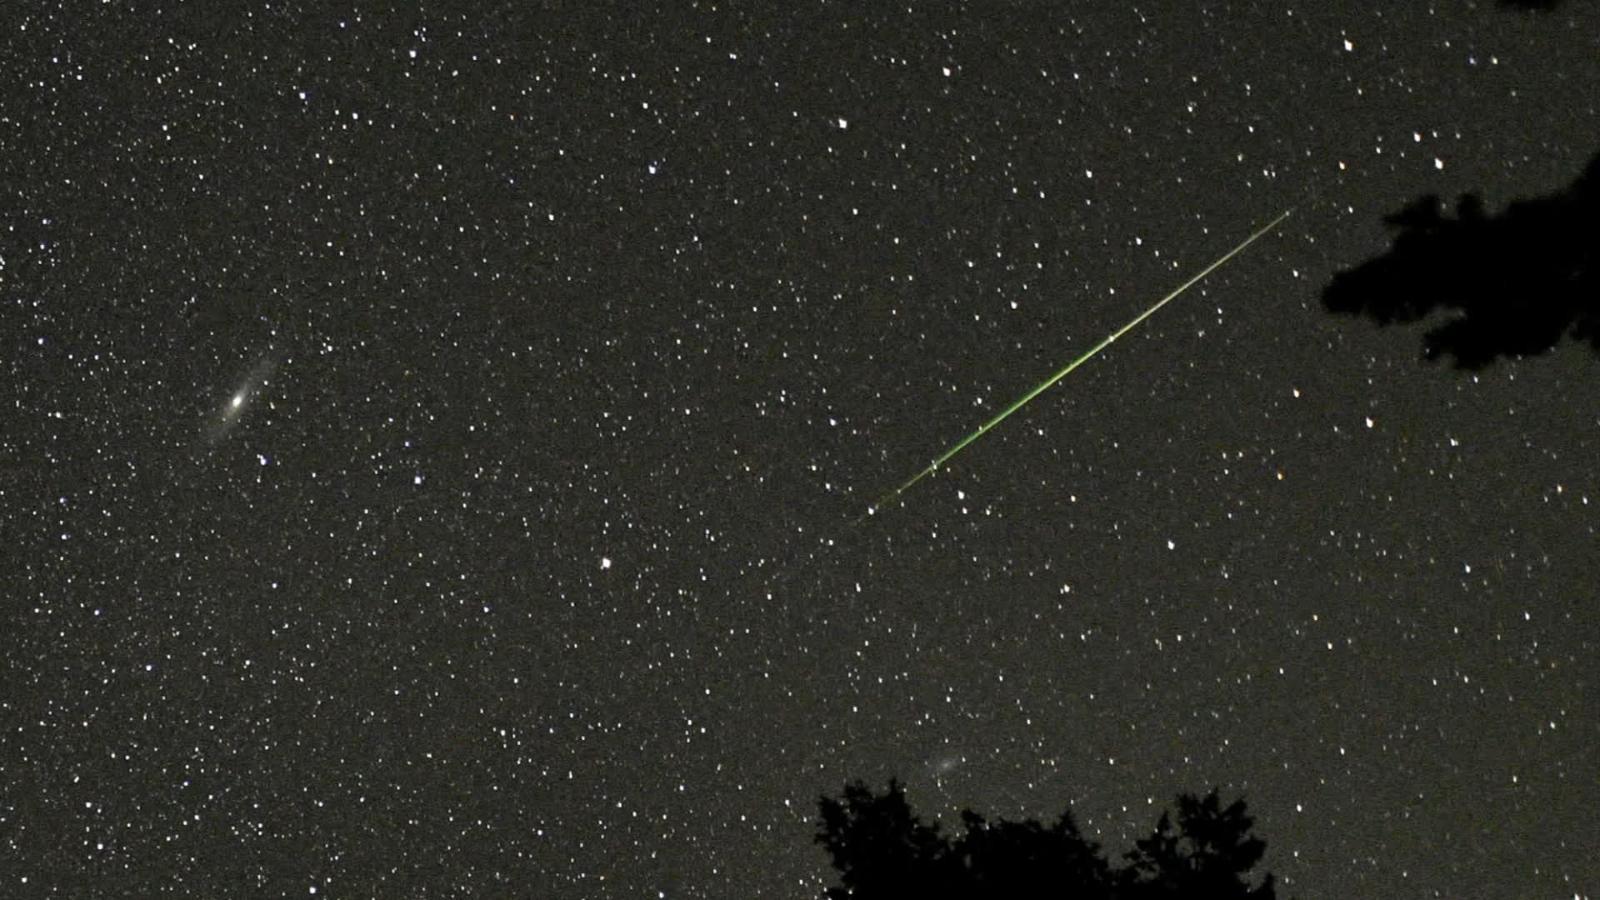 En esta imagen aparece el evento astronómico por excelencia de este mes relacionado con la lluvia de oriónidas.